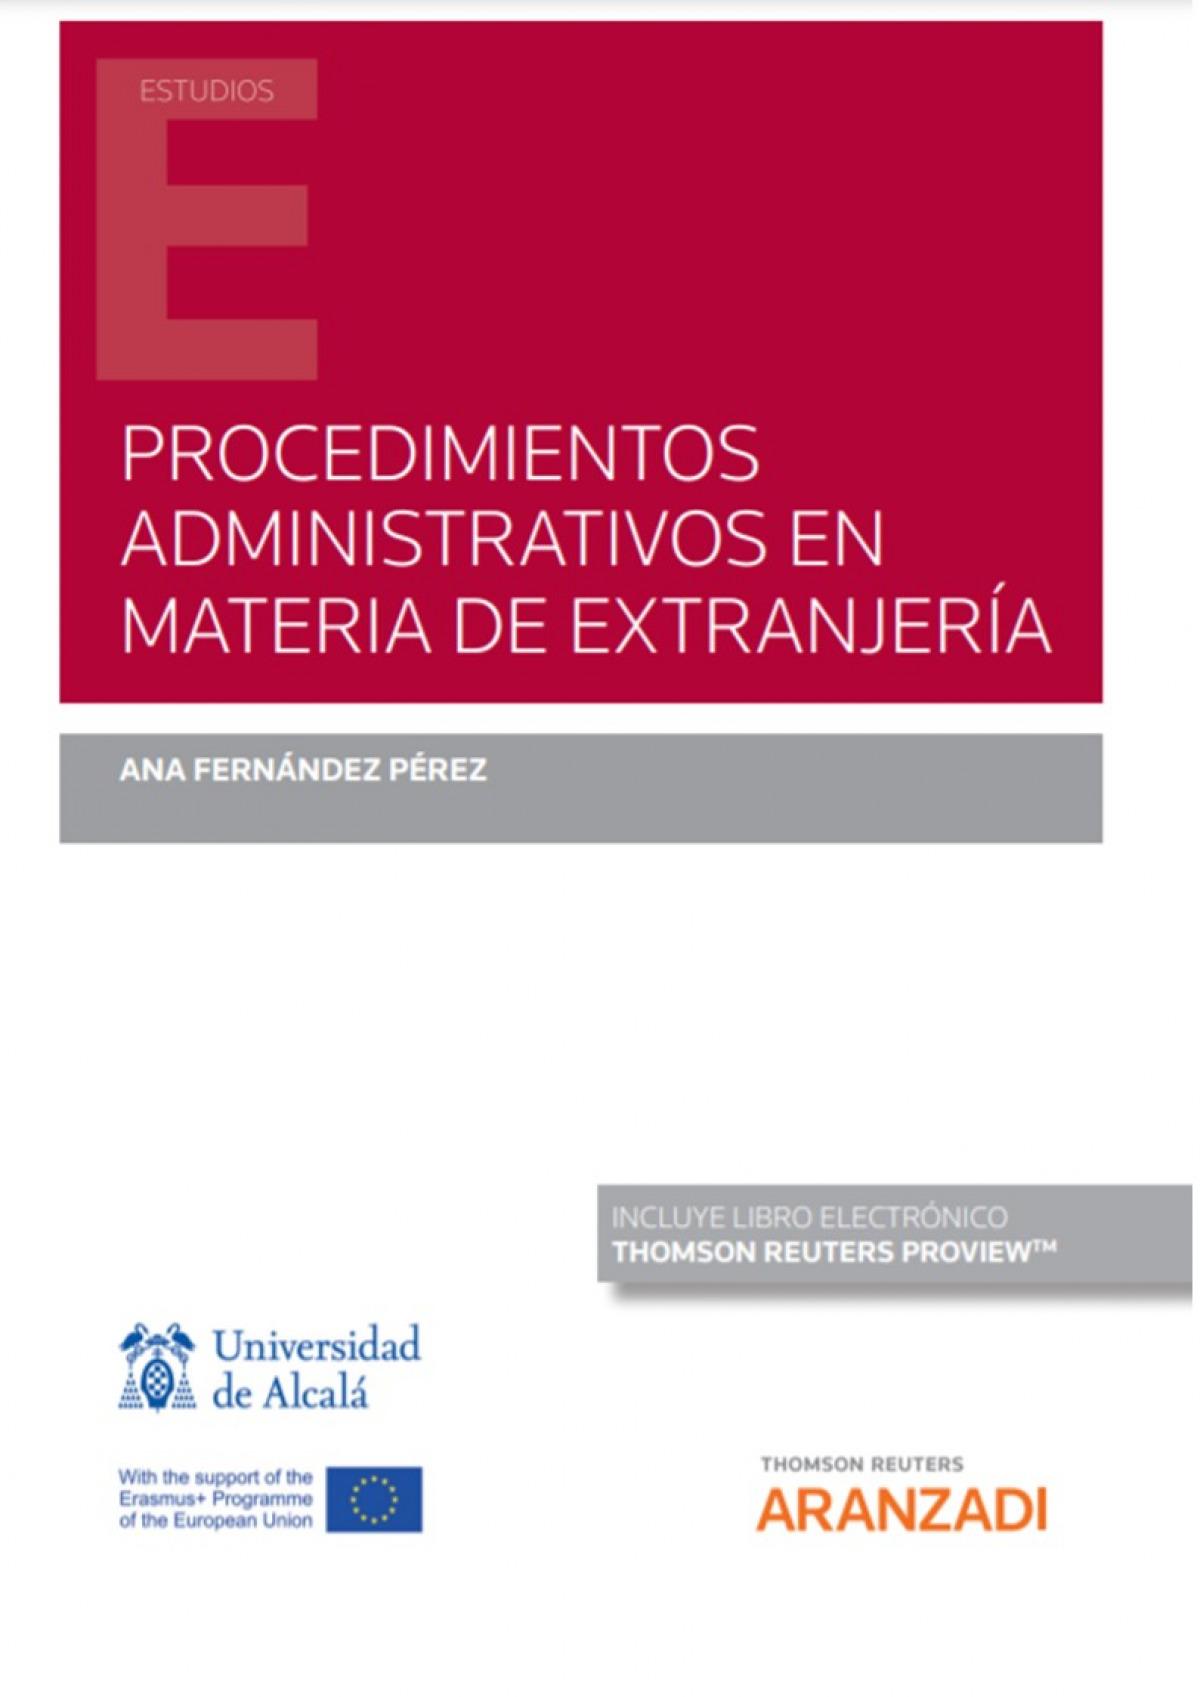 Procedimientos administrativos en materia de extranjería (Papel + e-book)